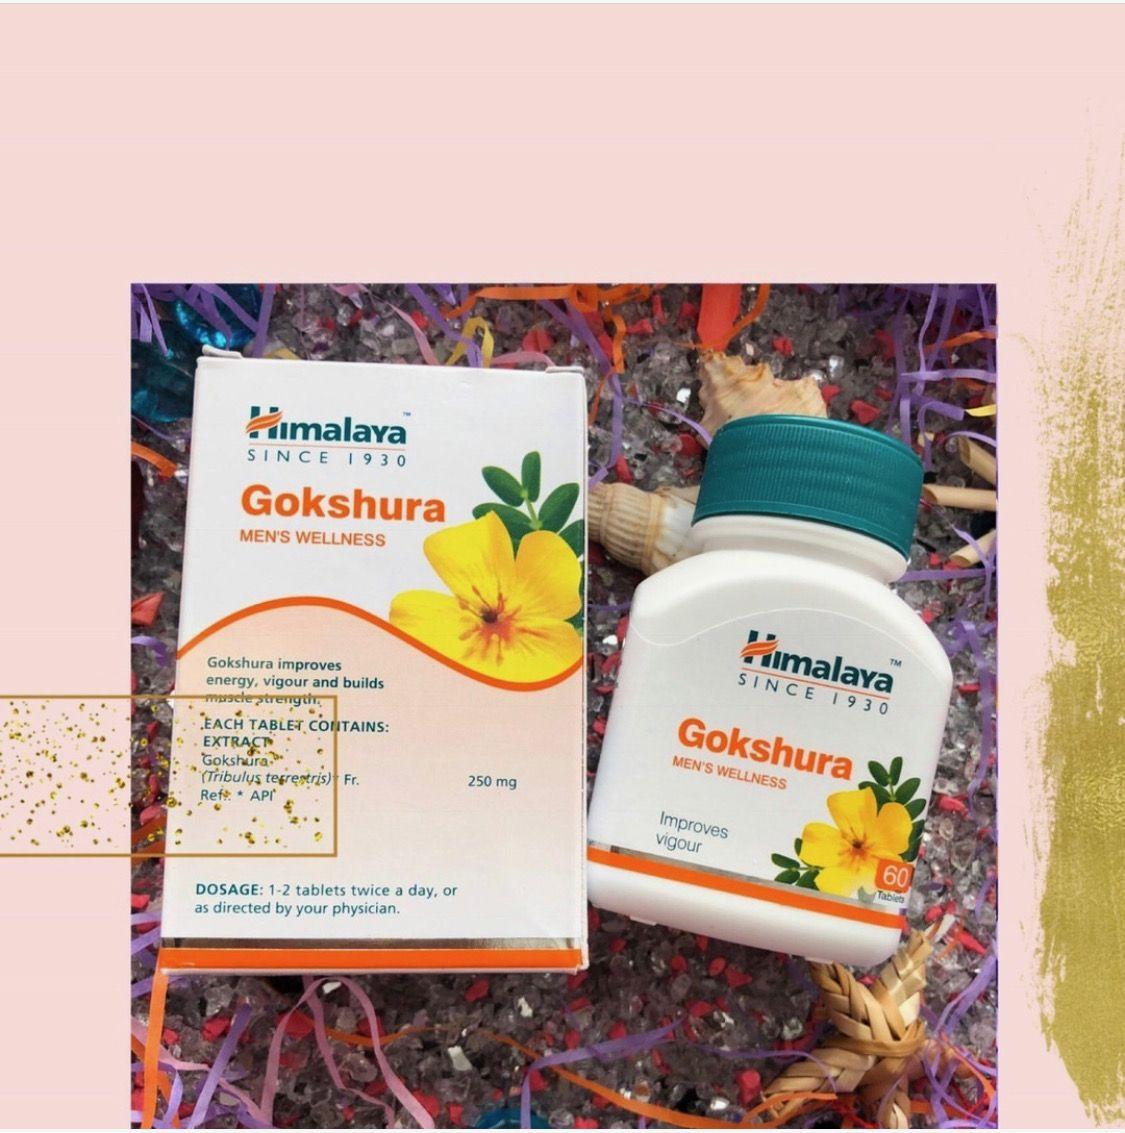 Гокшура Himalaya Gokshura, 60 шт,помогает наращивать мускулы, афродизиак, поднимает уровень тестостерона